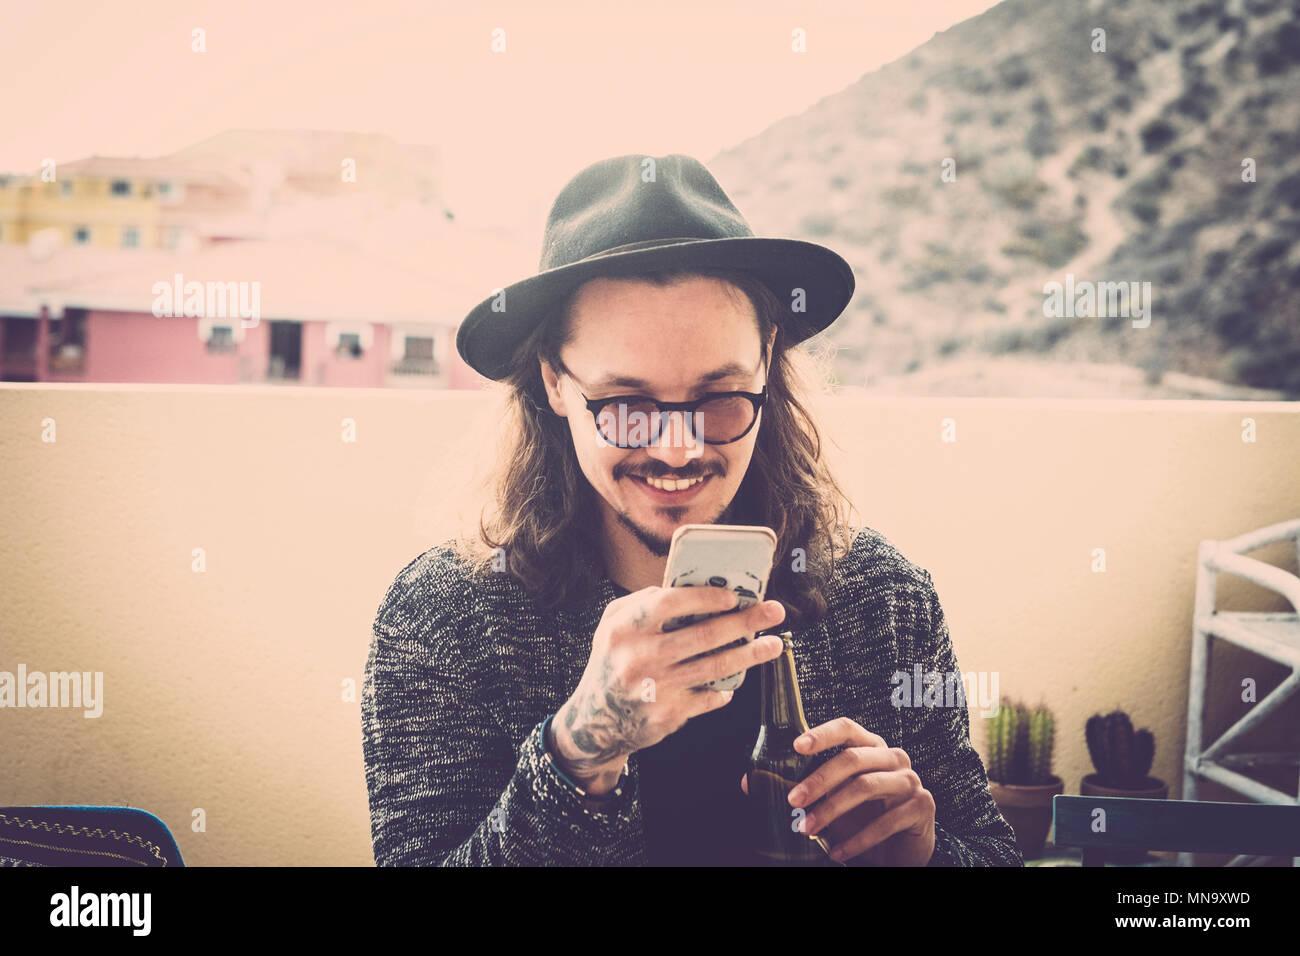 El pelo largo bonito joven leer y controlar el teléfono en el exterior terraza roofteop. black hat y anteojos y tatuaje en la mano. modelo de pasarela sith nic Imagen De Stock